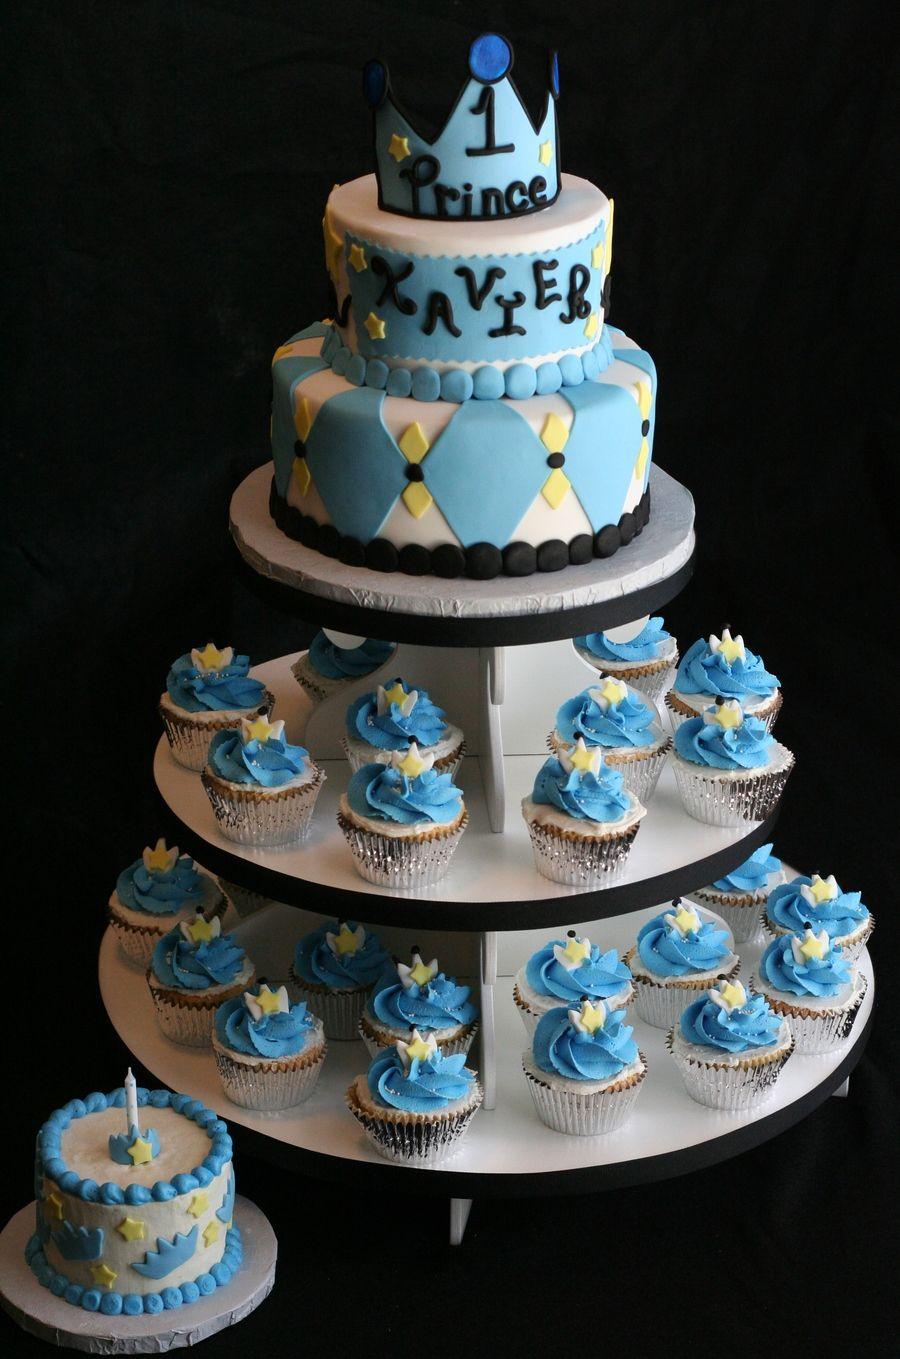 Prince Theme 1st Birthday Cake First Birthday Cakes Prince Cake